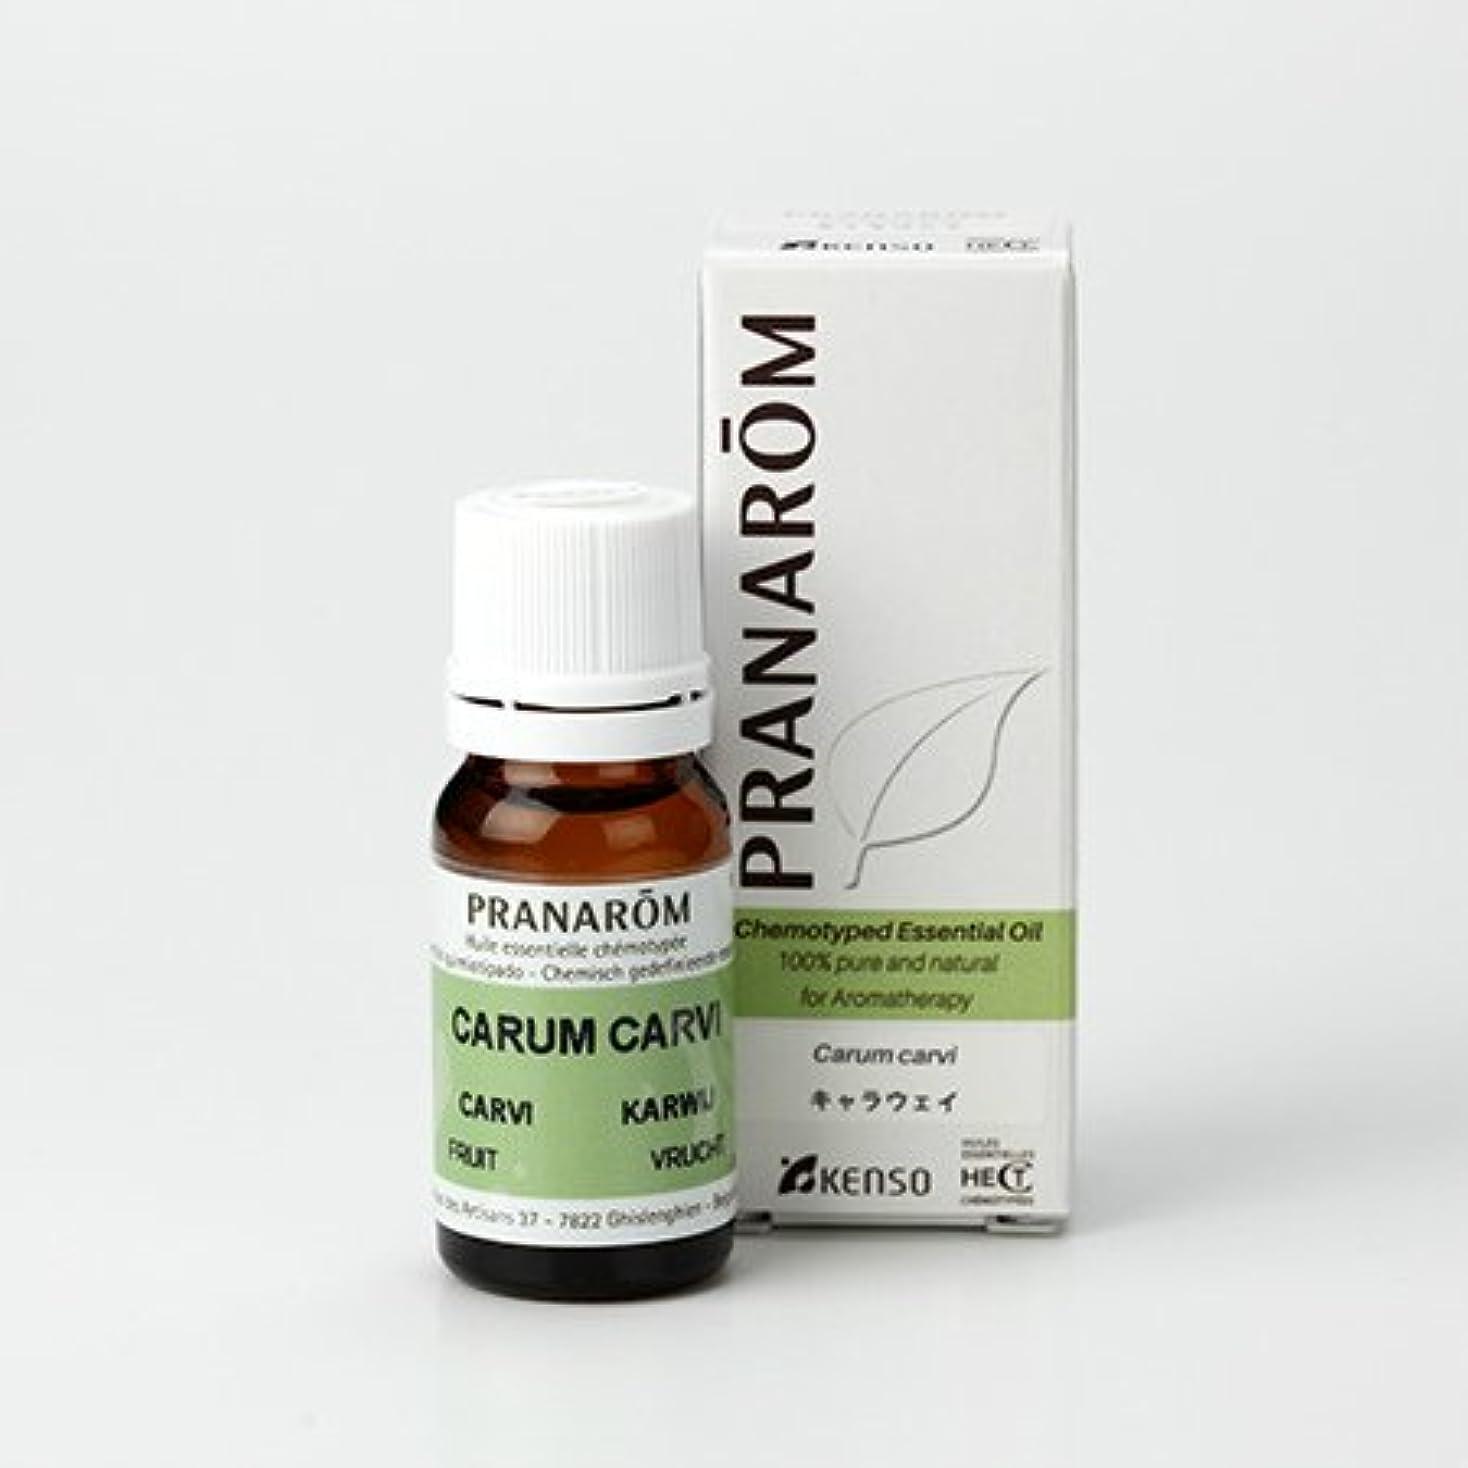 リール検出可能狂ったプラナロム キャラウェイ 10ml (PRANAROM ケモタイプ精油)